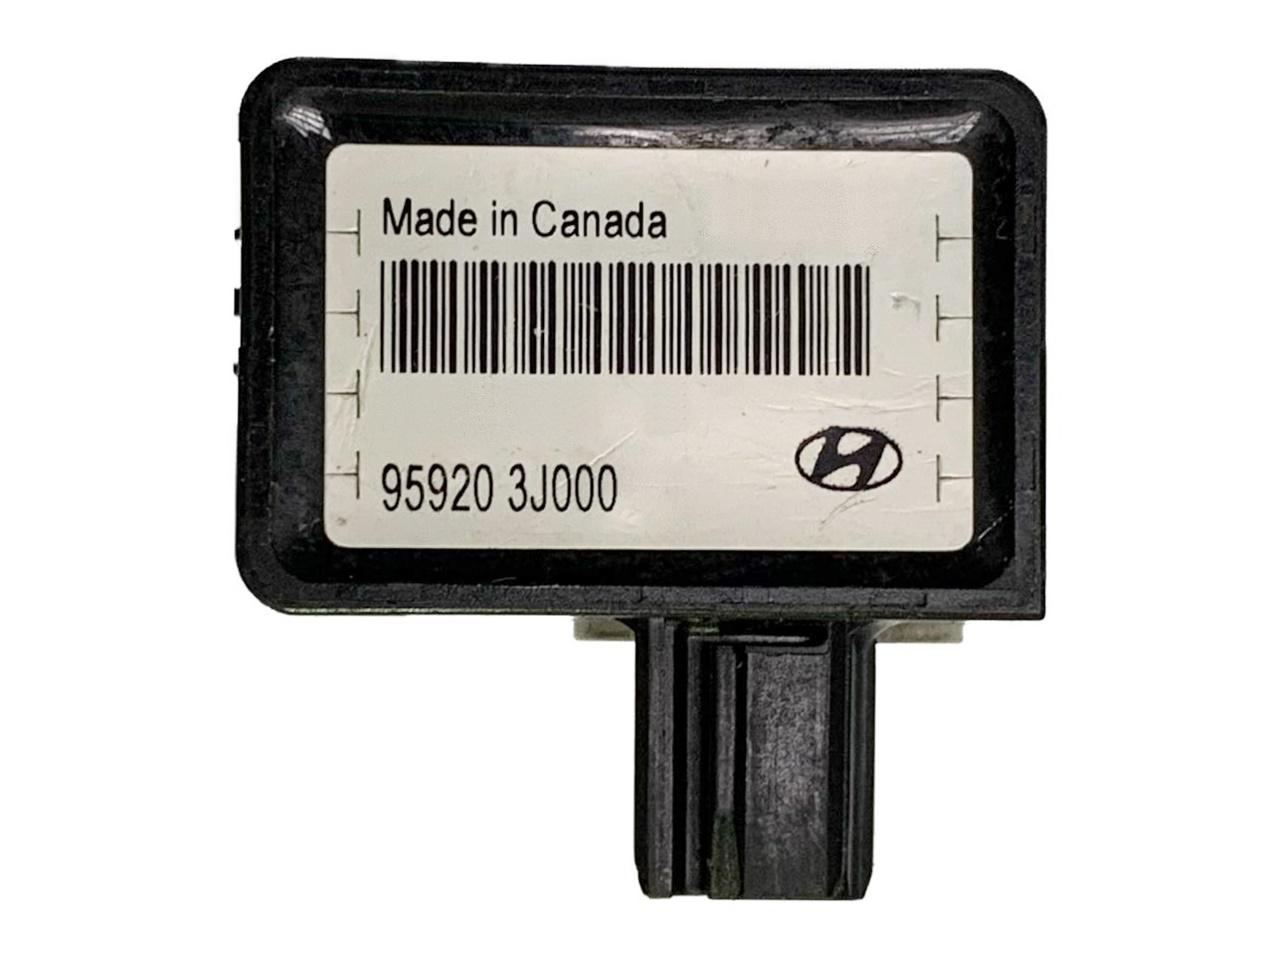 Sensor De Colisão Impacto do Air Bag 959203j000 Hyundai Veracruz 08 09 010 011 012